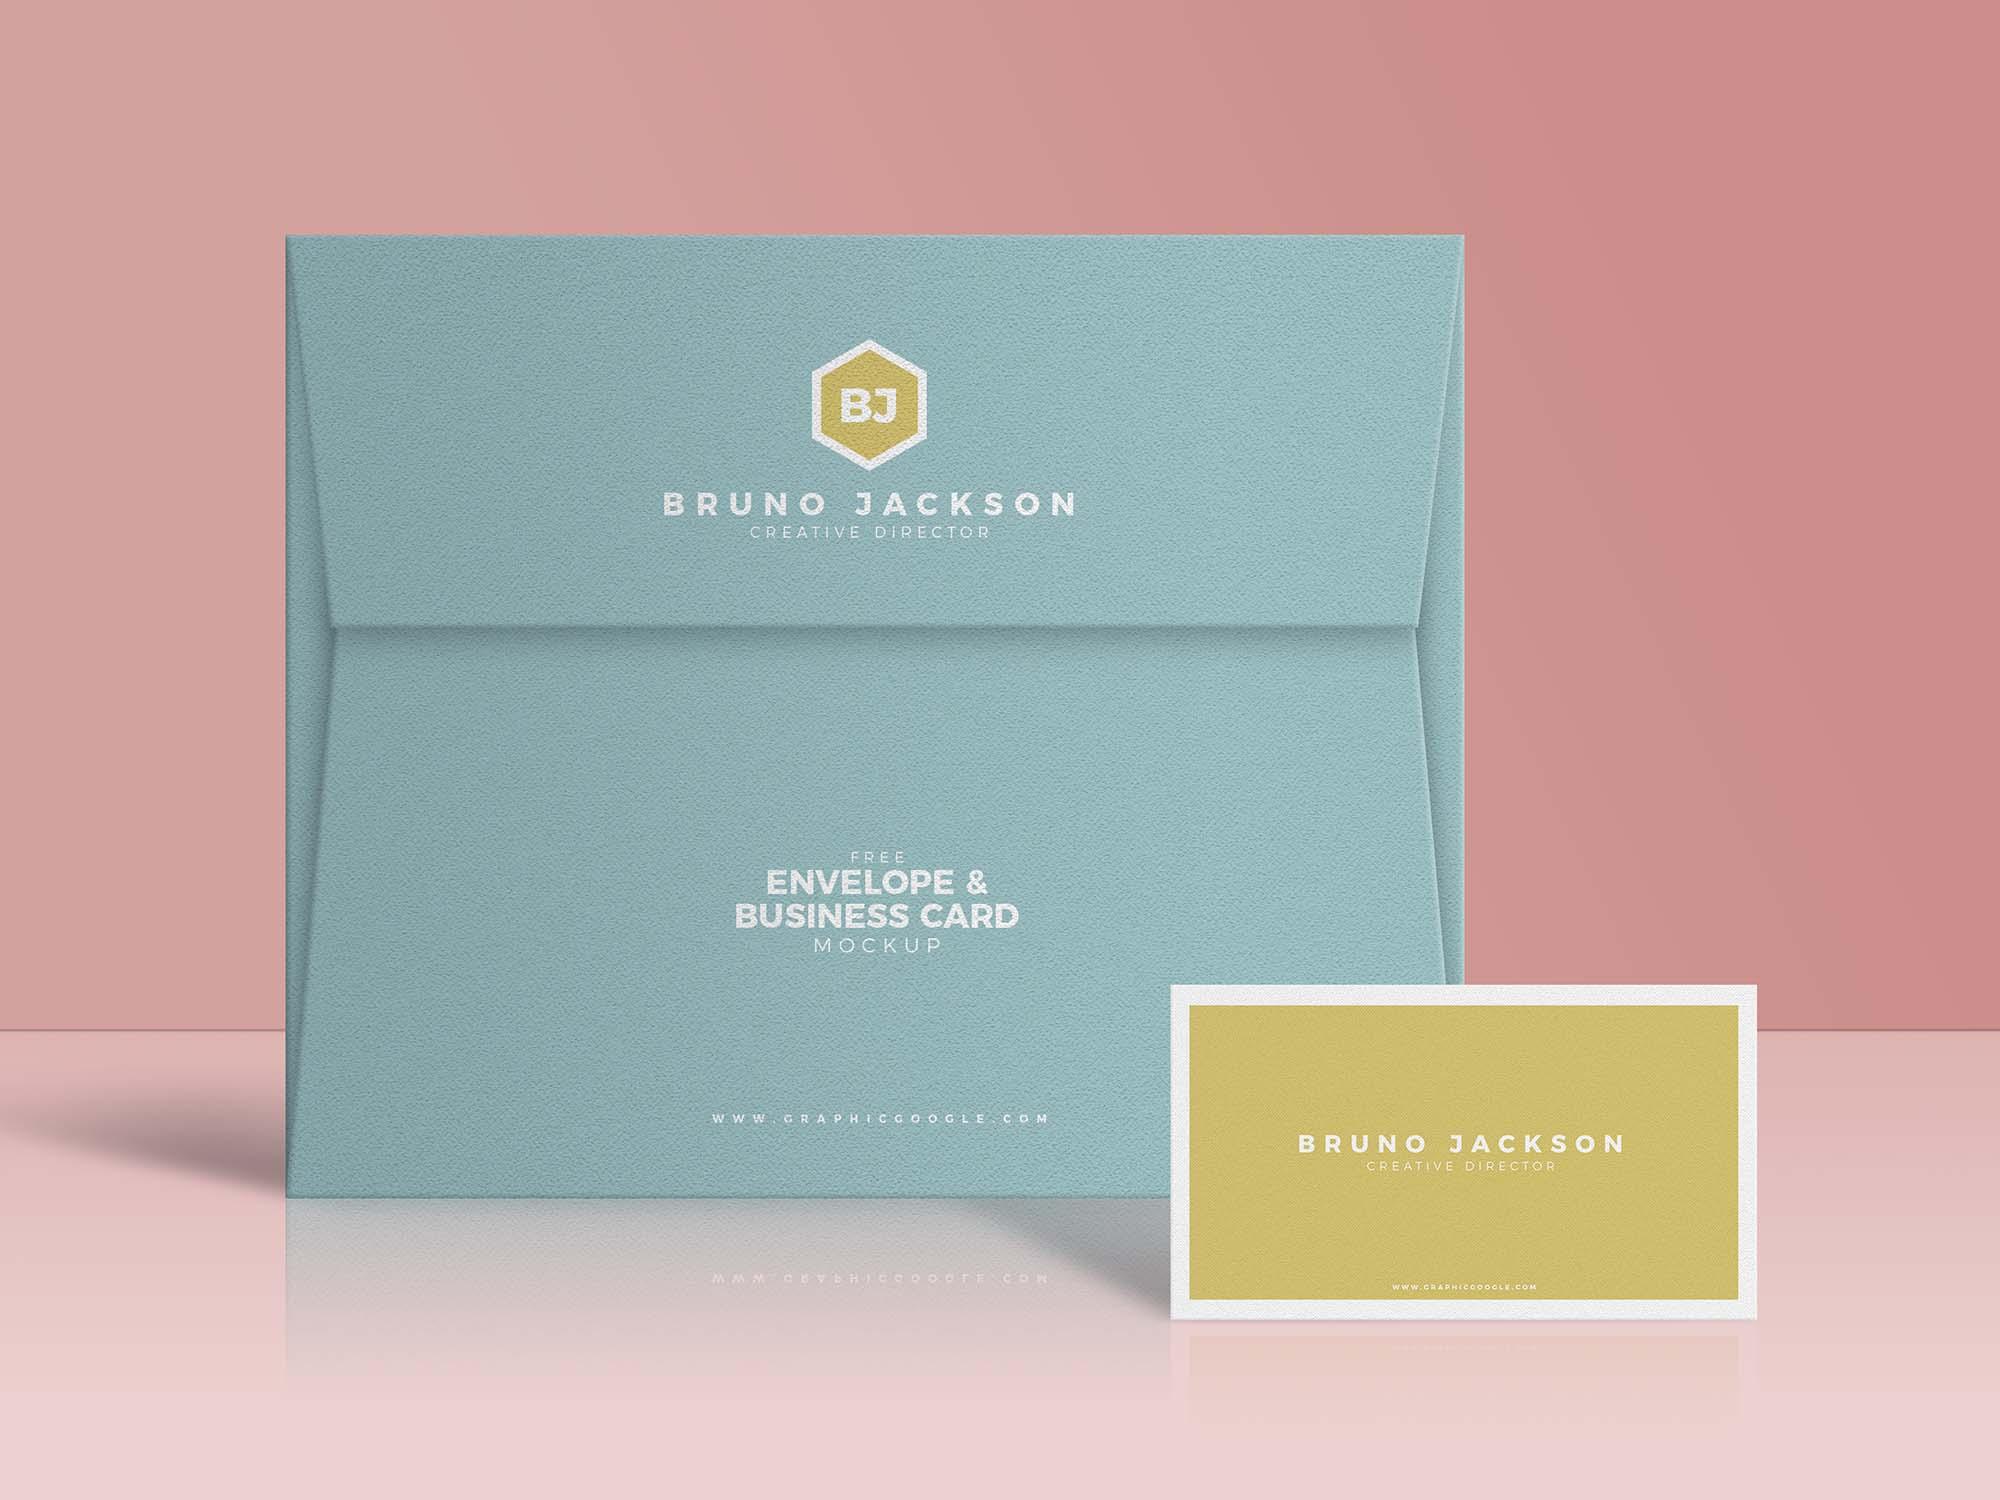 Envelope & Business Card Mockup